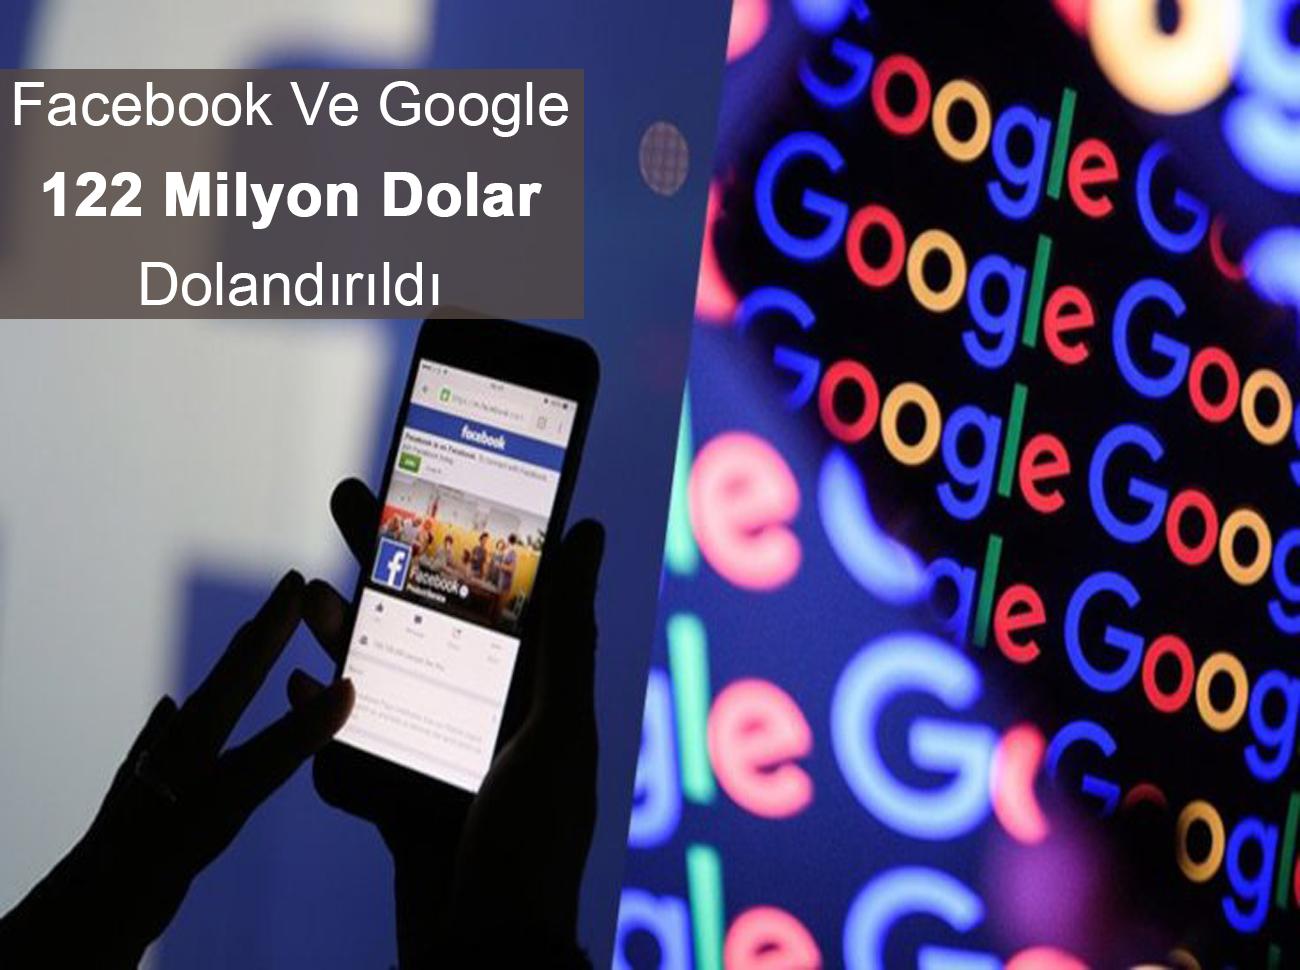 Facebook Ve Google 122 Milyon Dolar Dolandırıldı